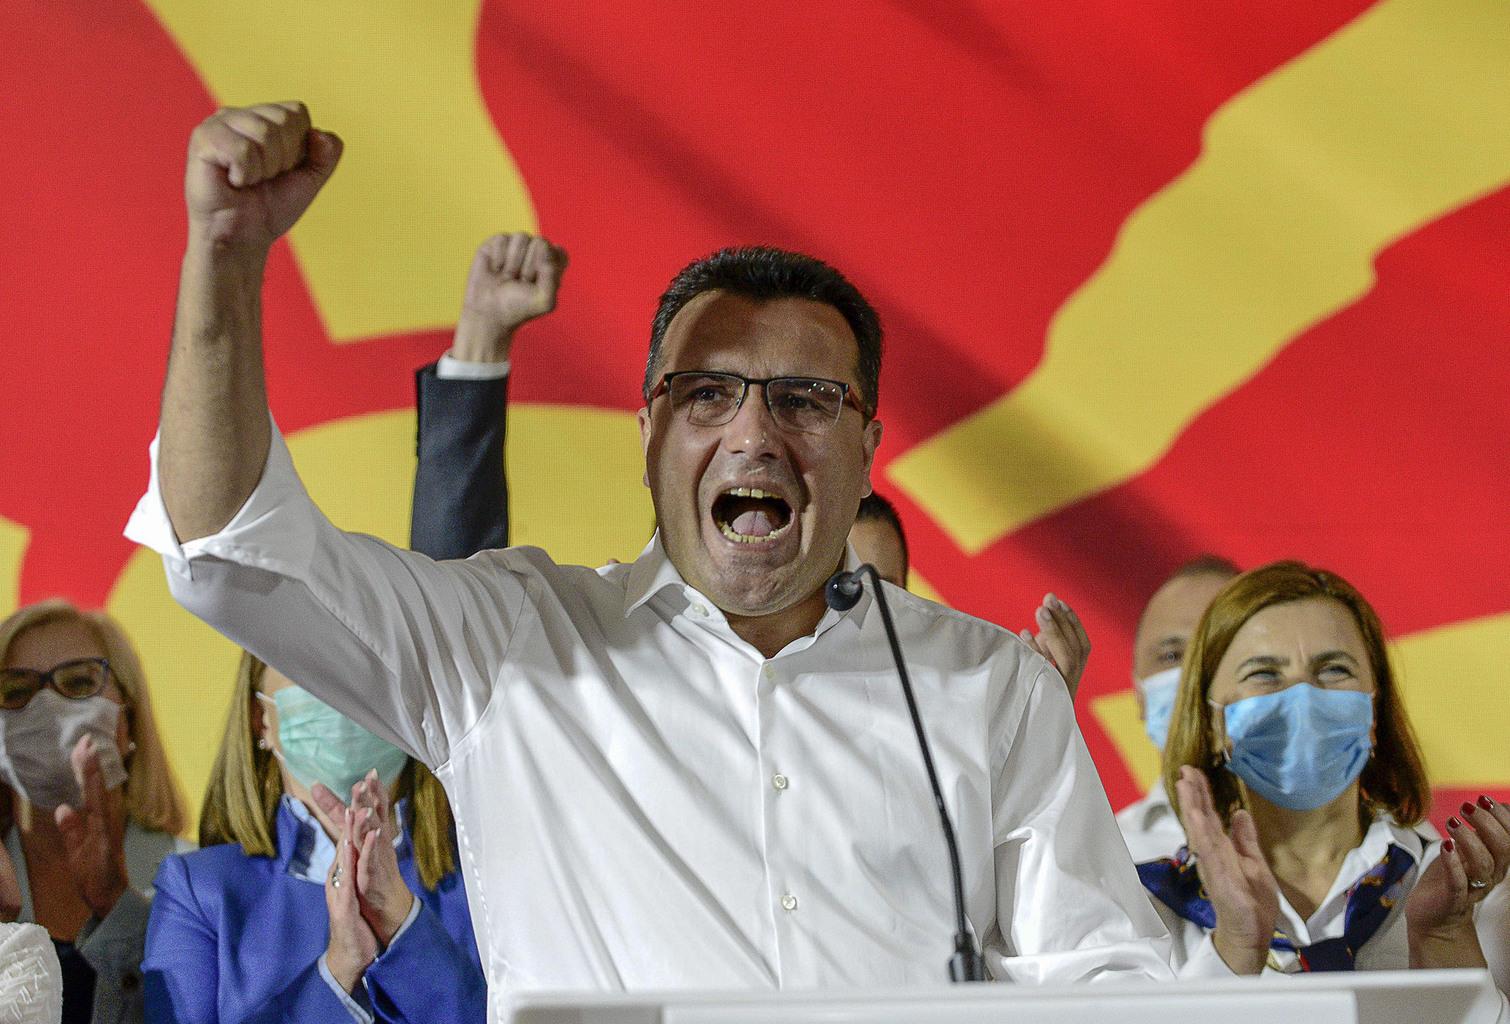 Az észak-macedón választásokon győztes Zoran Zaev vezette szociáldemokraták és a Besa nevű albán párt alkotta pártszövetség győzelme elvezethet az ország föderalizálásához, végső eredményként akár kettészakadásához is #moszkvater